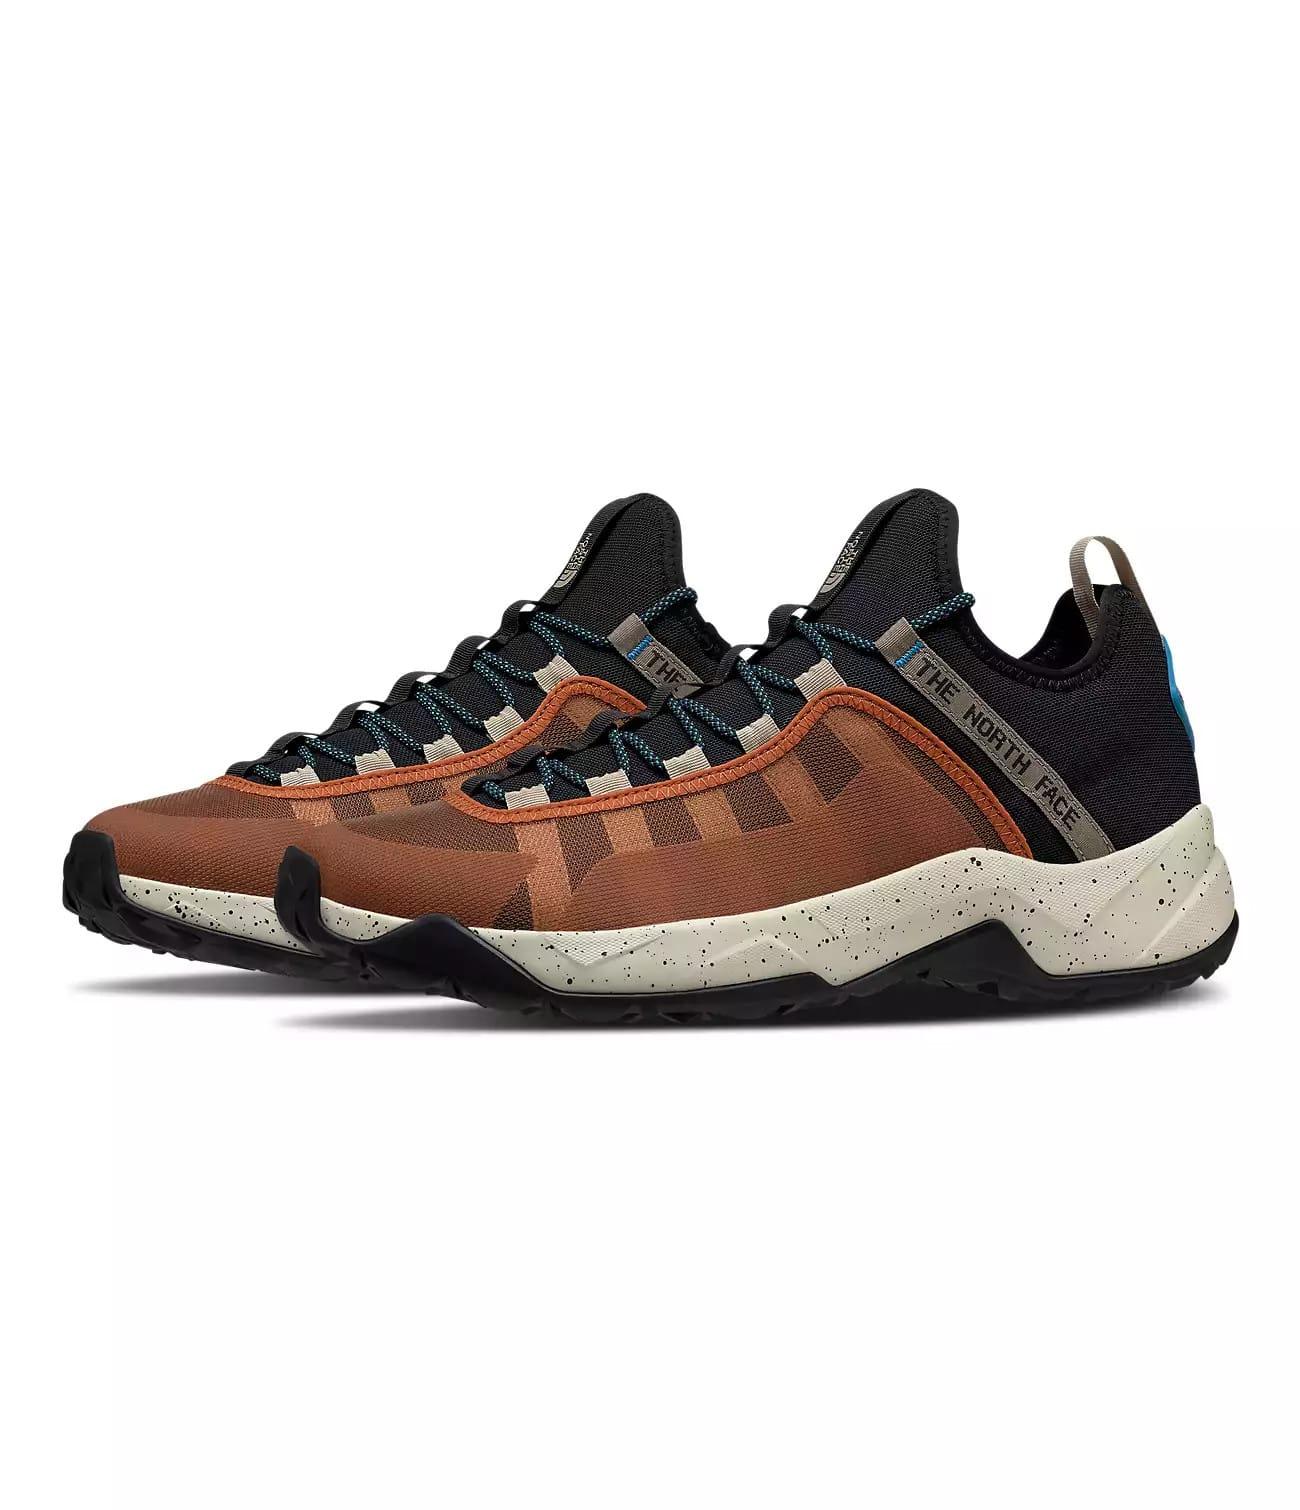 The North Face Men's Trail Escape Peak Shoes